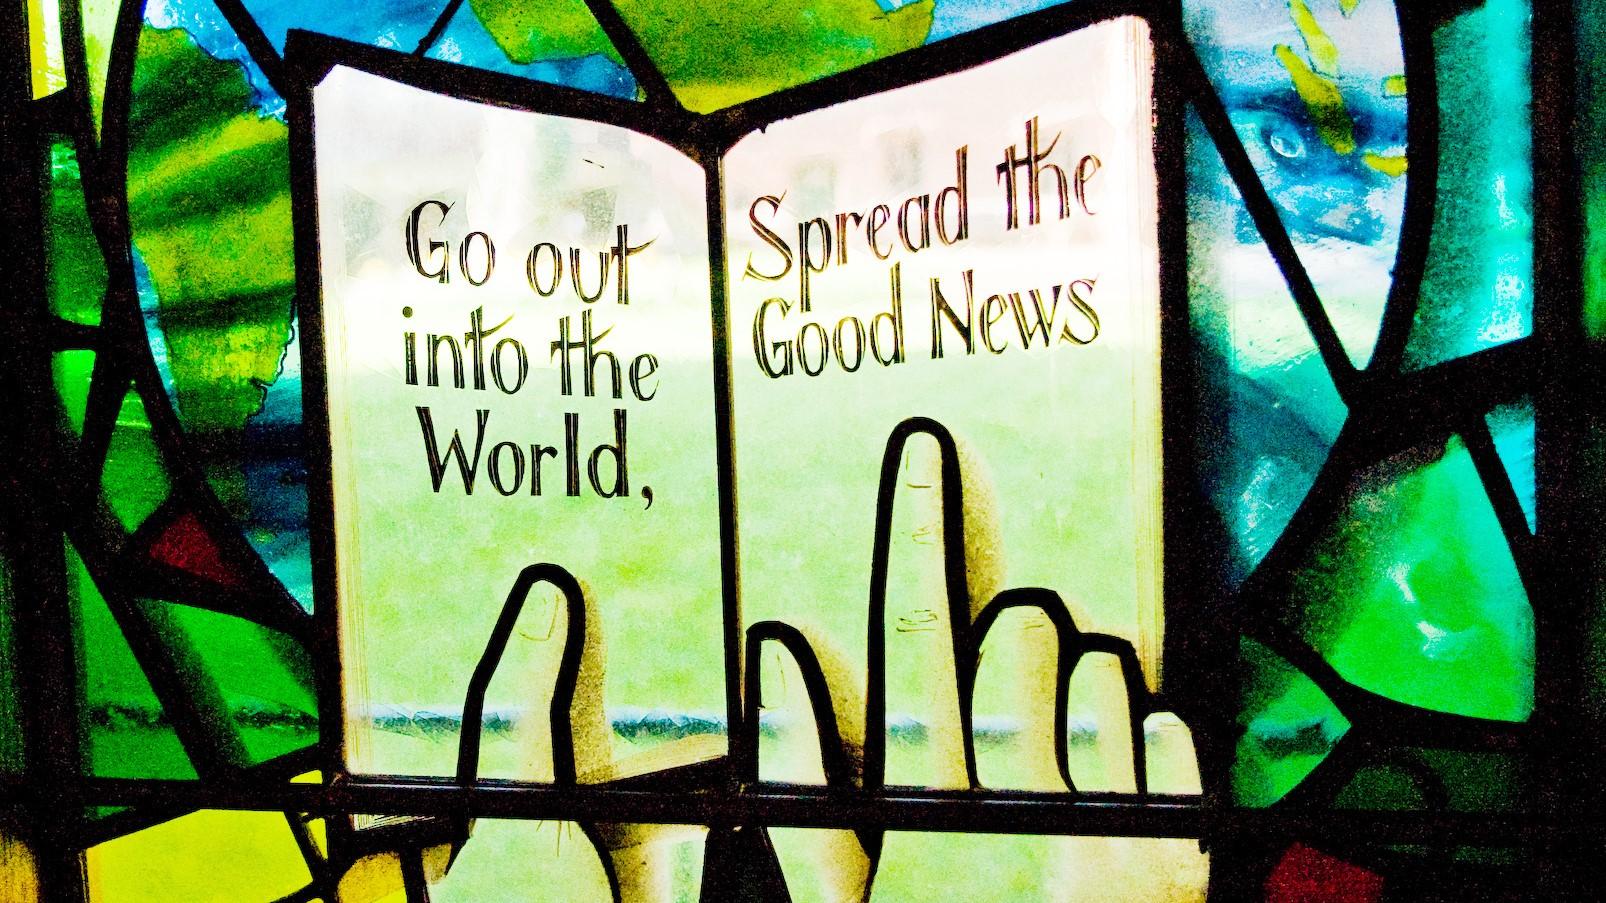 ¿Cómo compartimos las buenas nuevas?